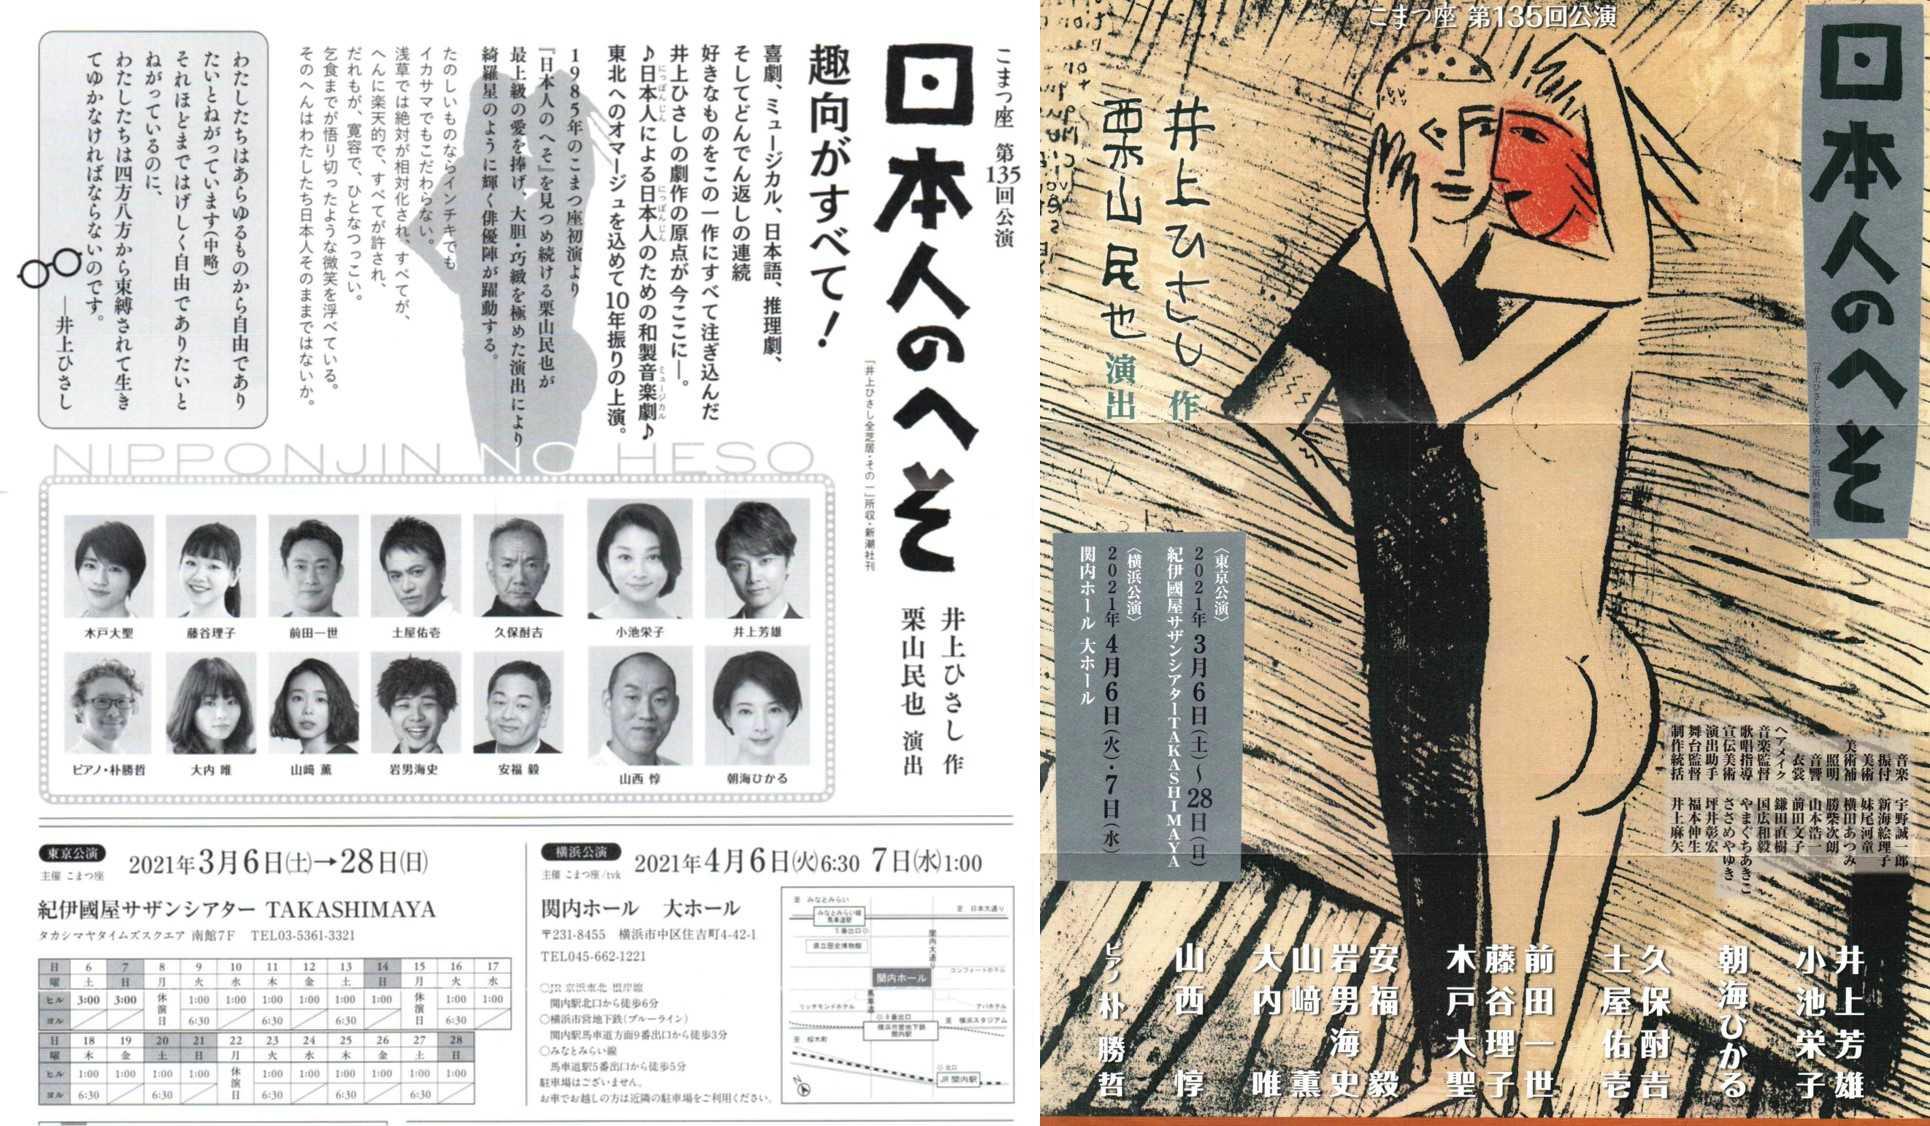 へそ 日本 人 の 2021年上演こまつ座『日本人のへそ』に井上芳雄、小池栄子ら。コメントも到着